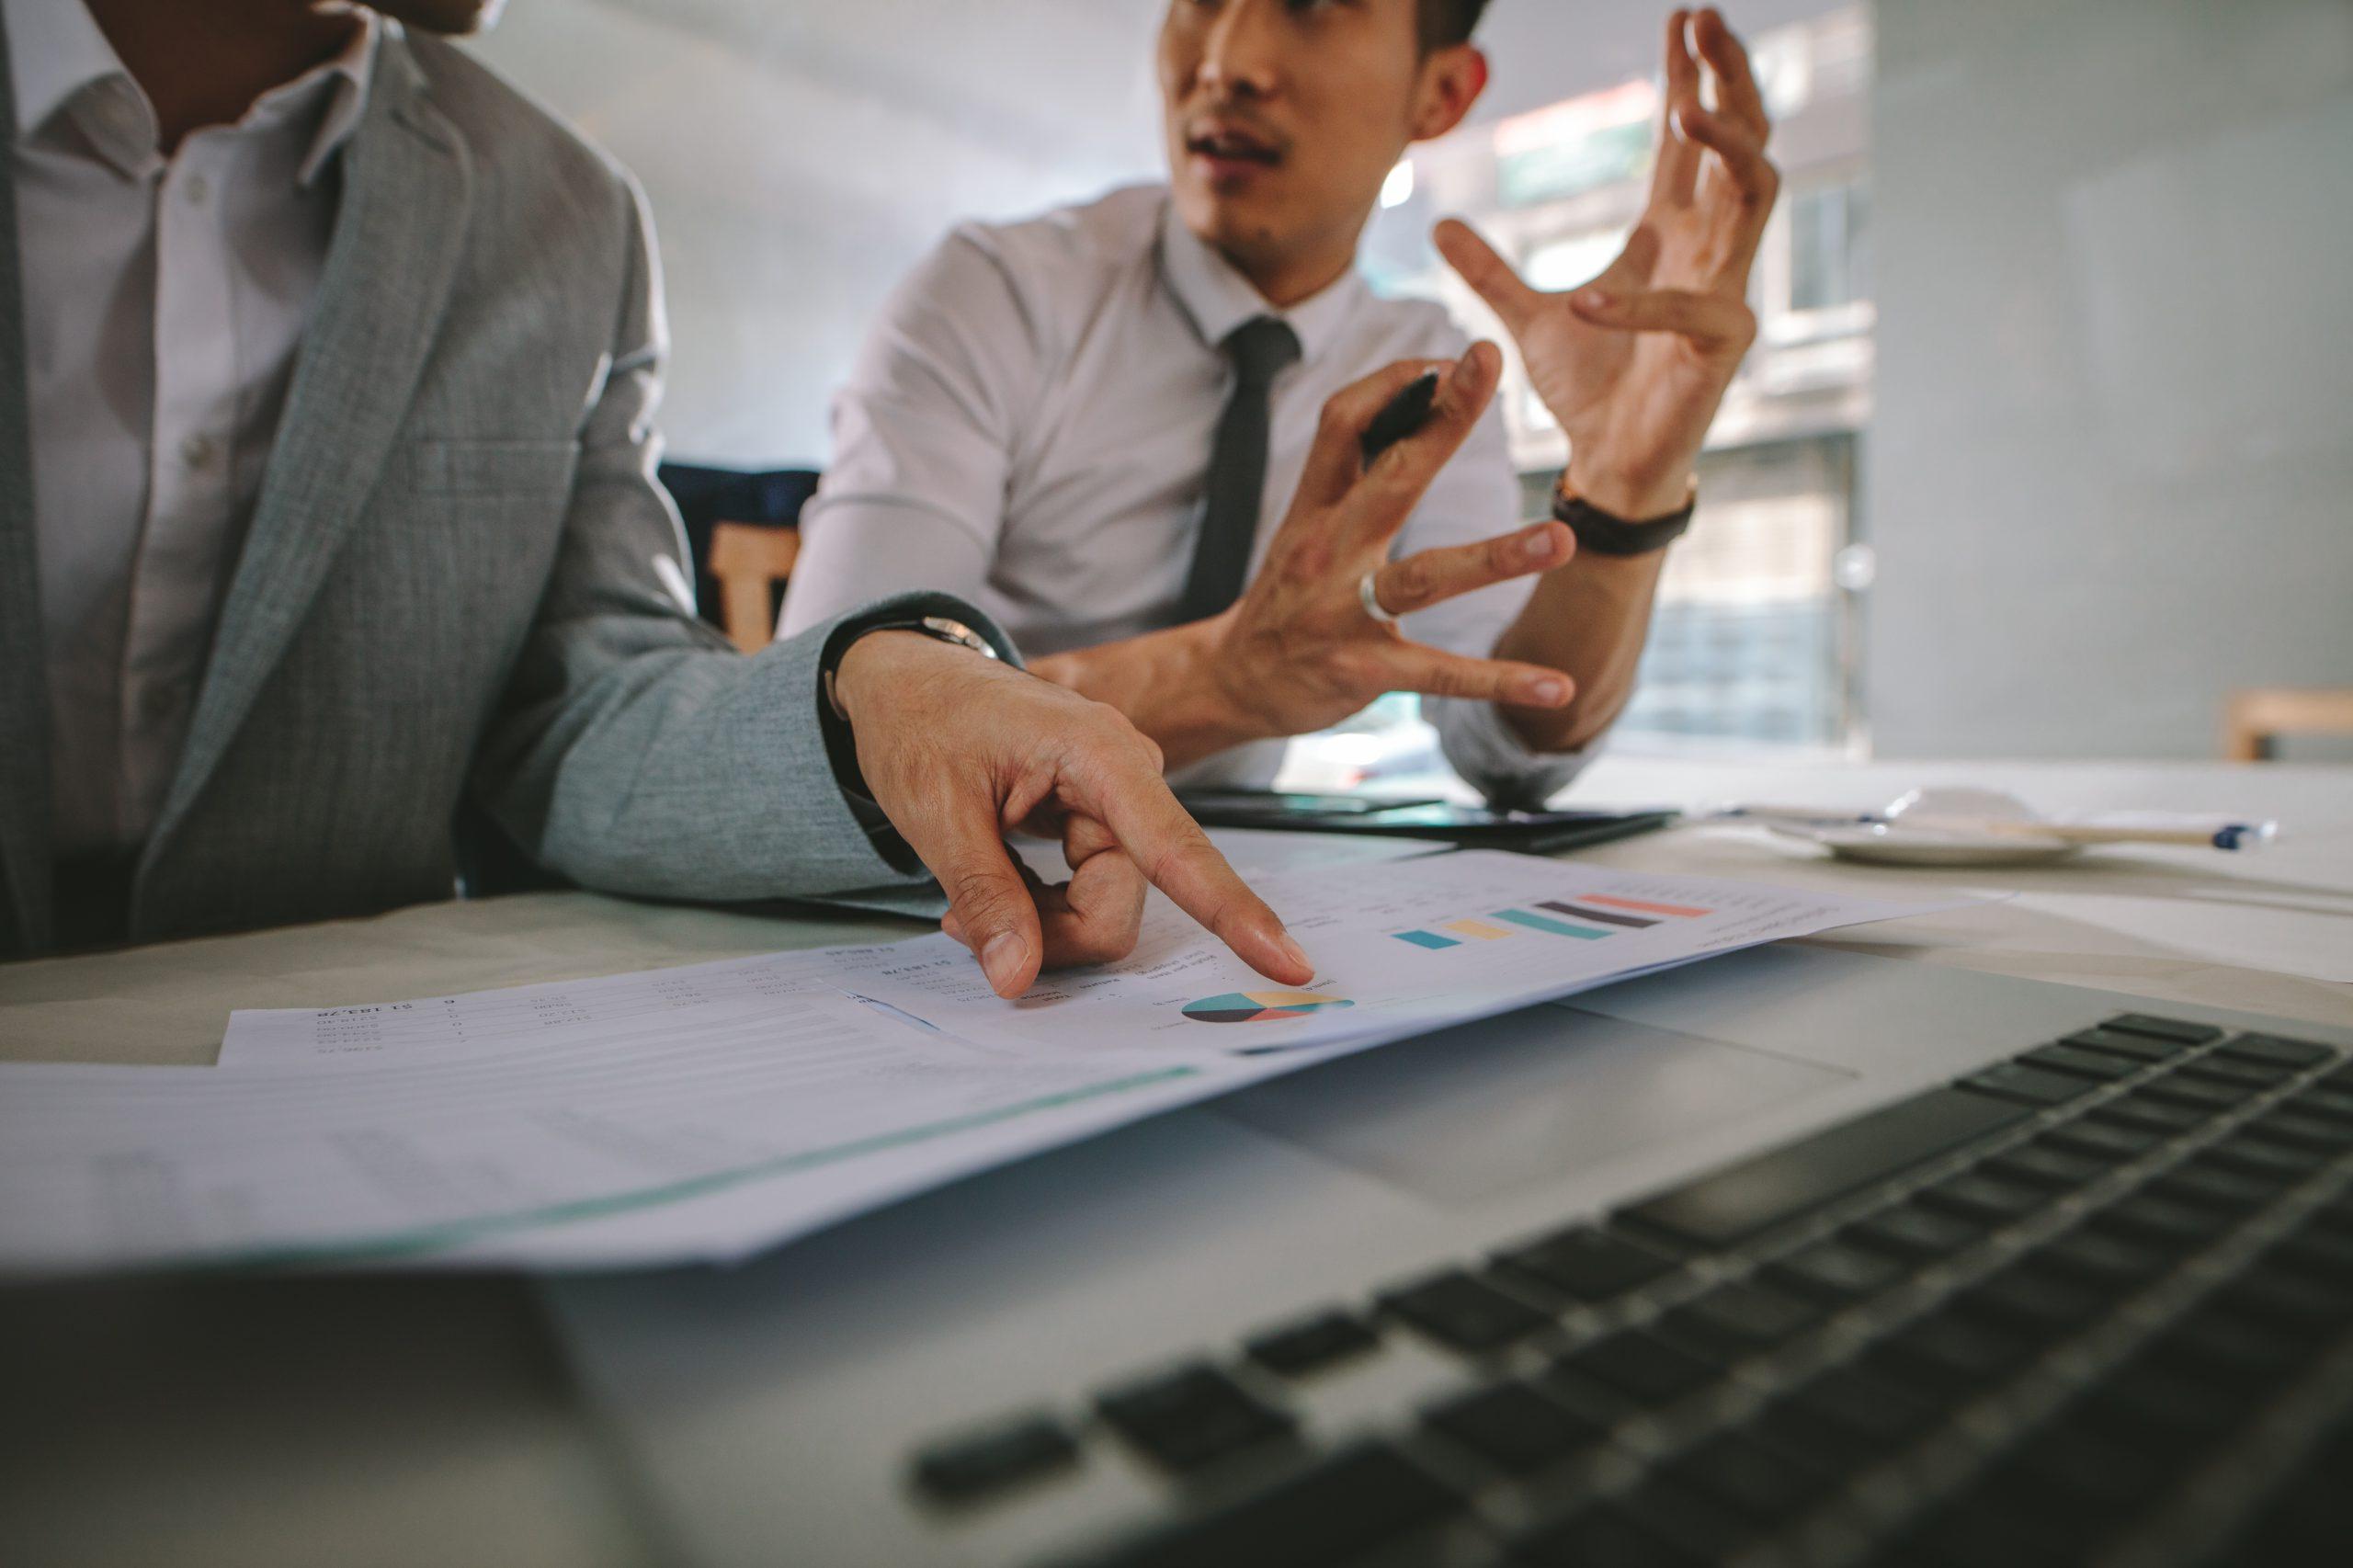 exacta-contabilidade-alteracoes-trabalhistas-devido-ao-COVID-19